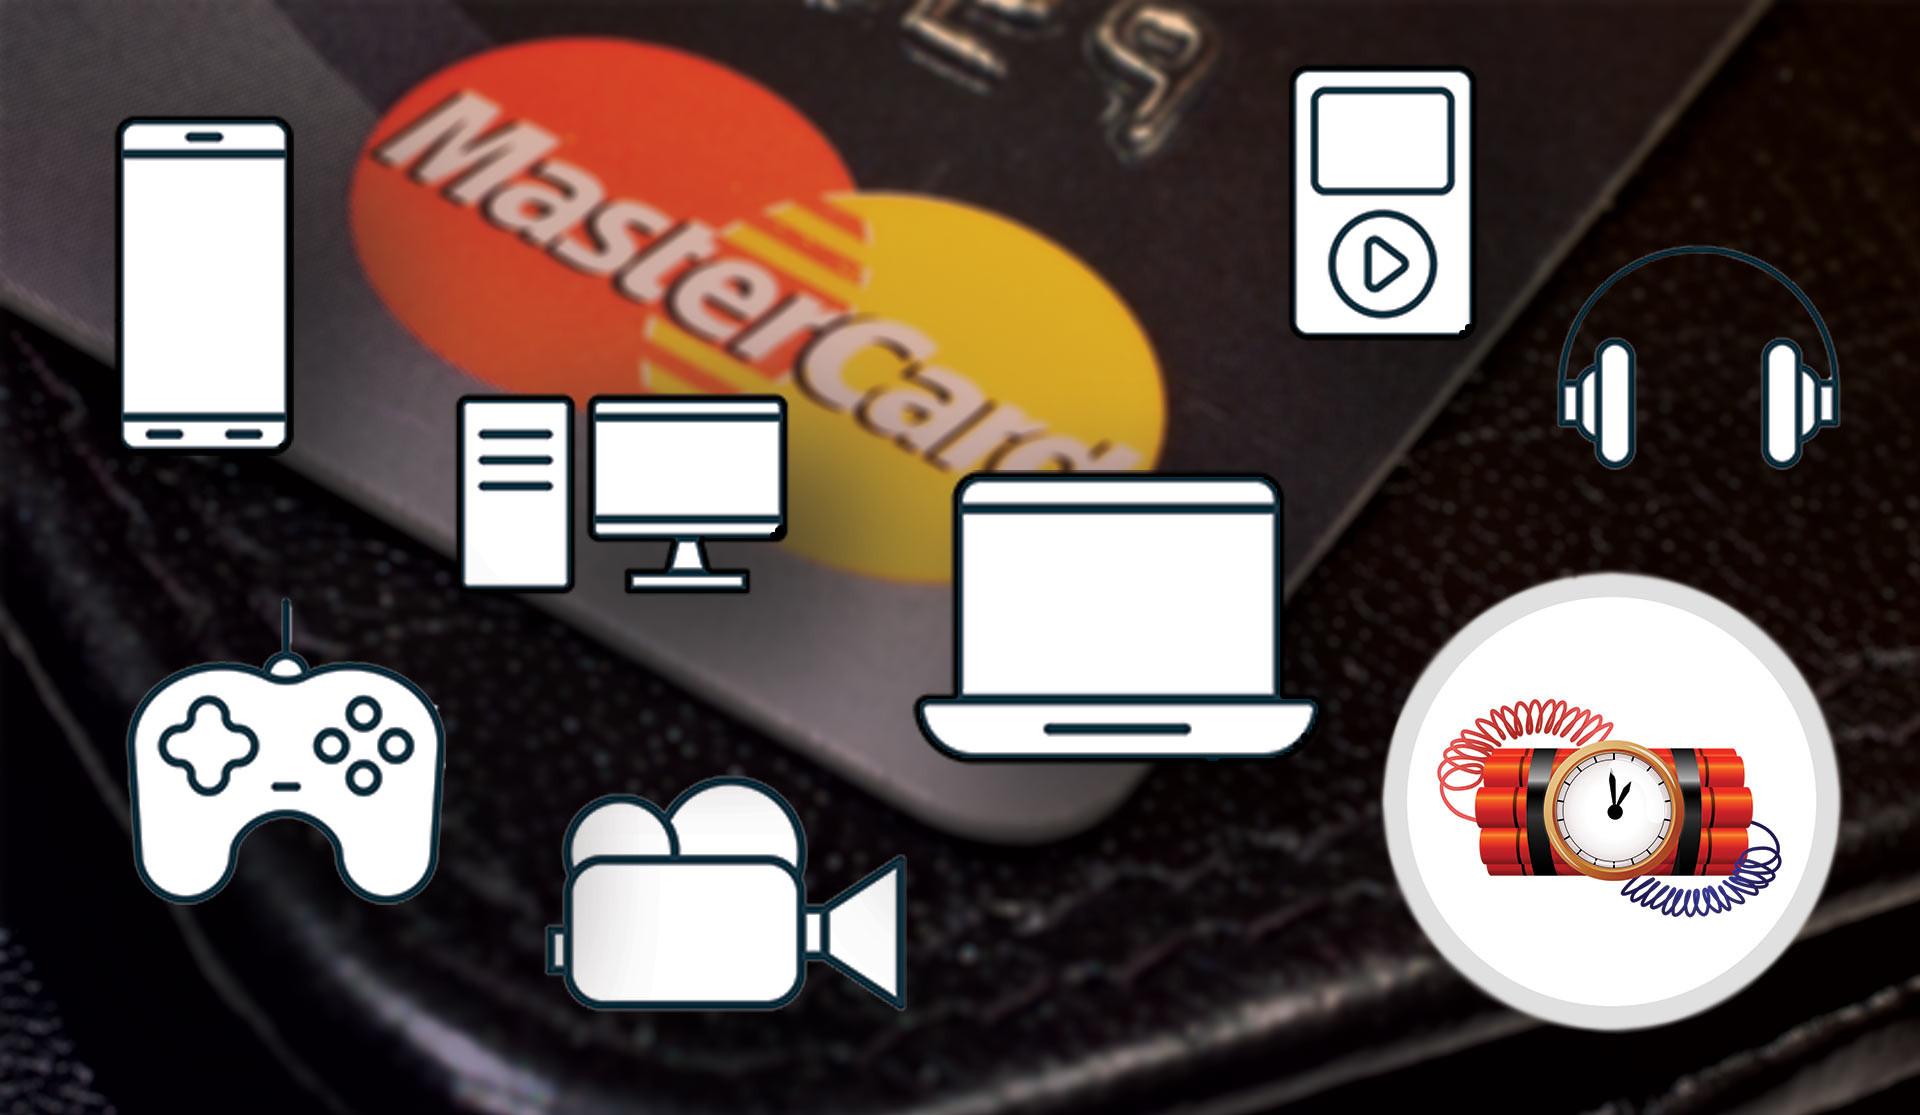 взять кредит по телефону срочно займ под материнский капитал в омске дешево законно